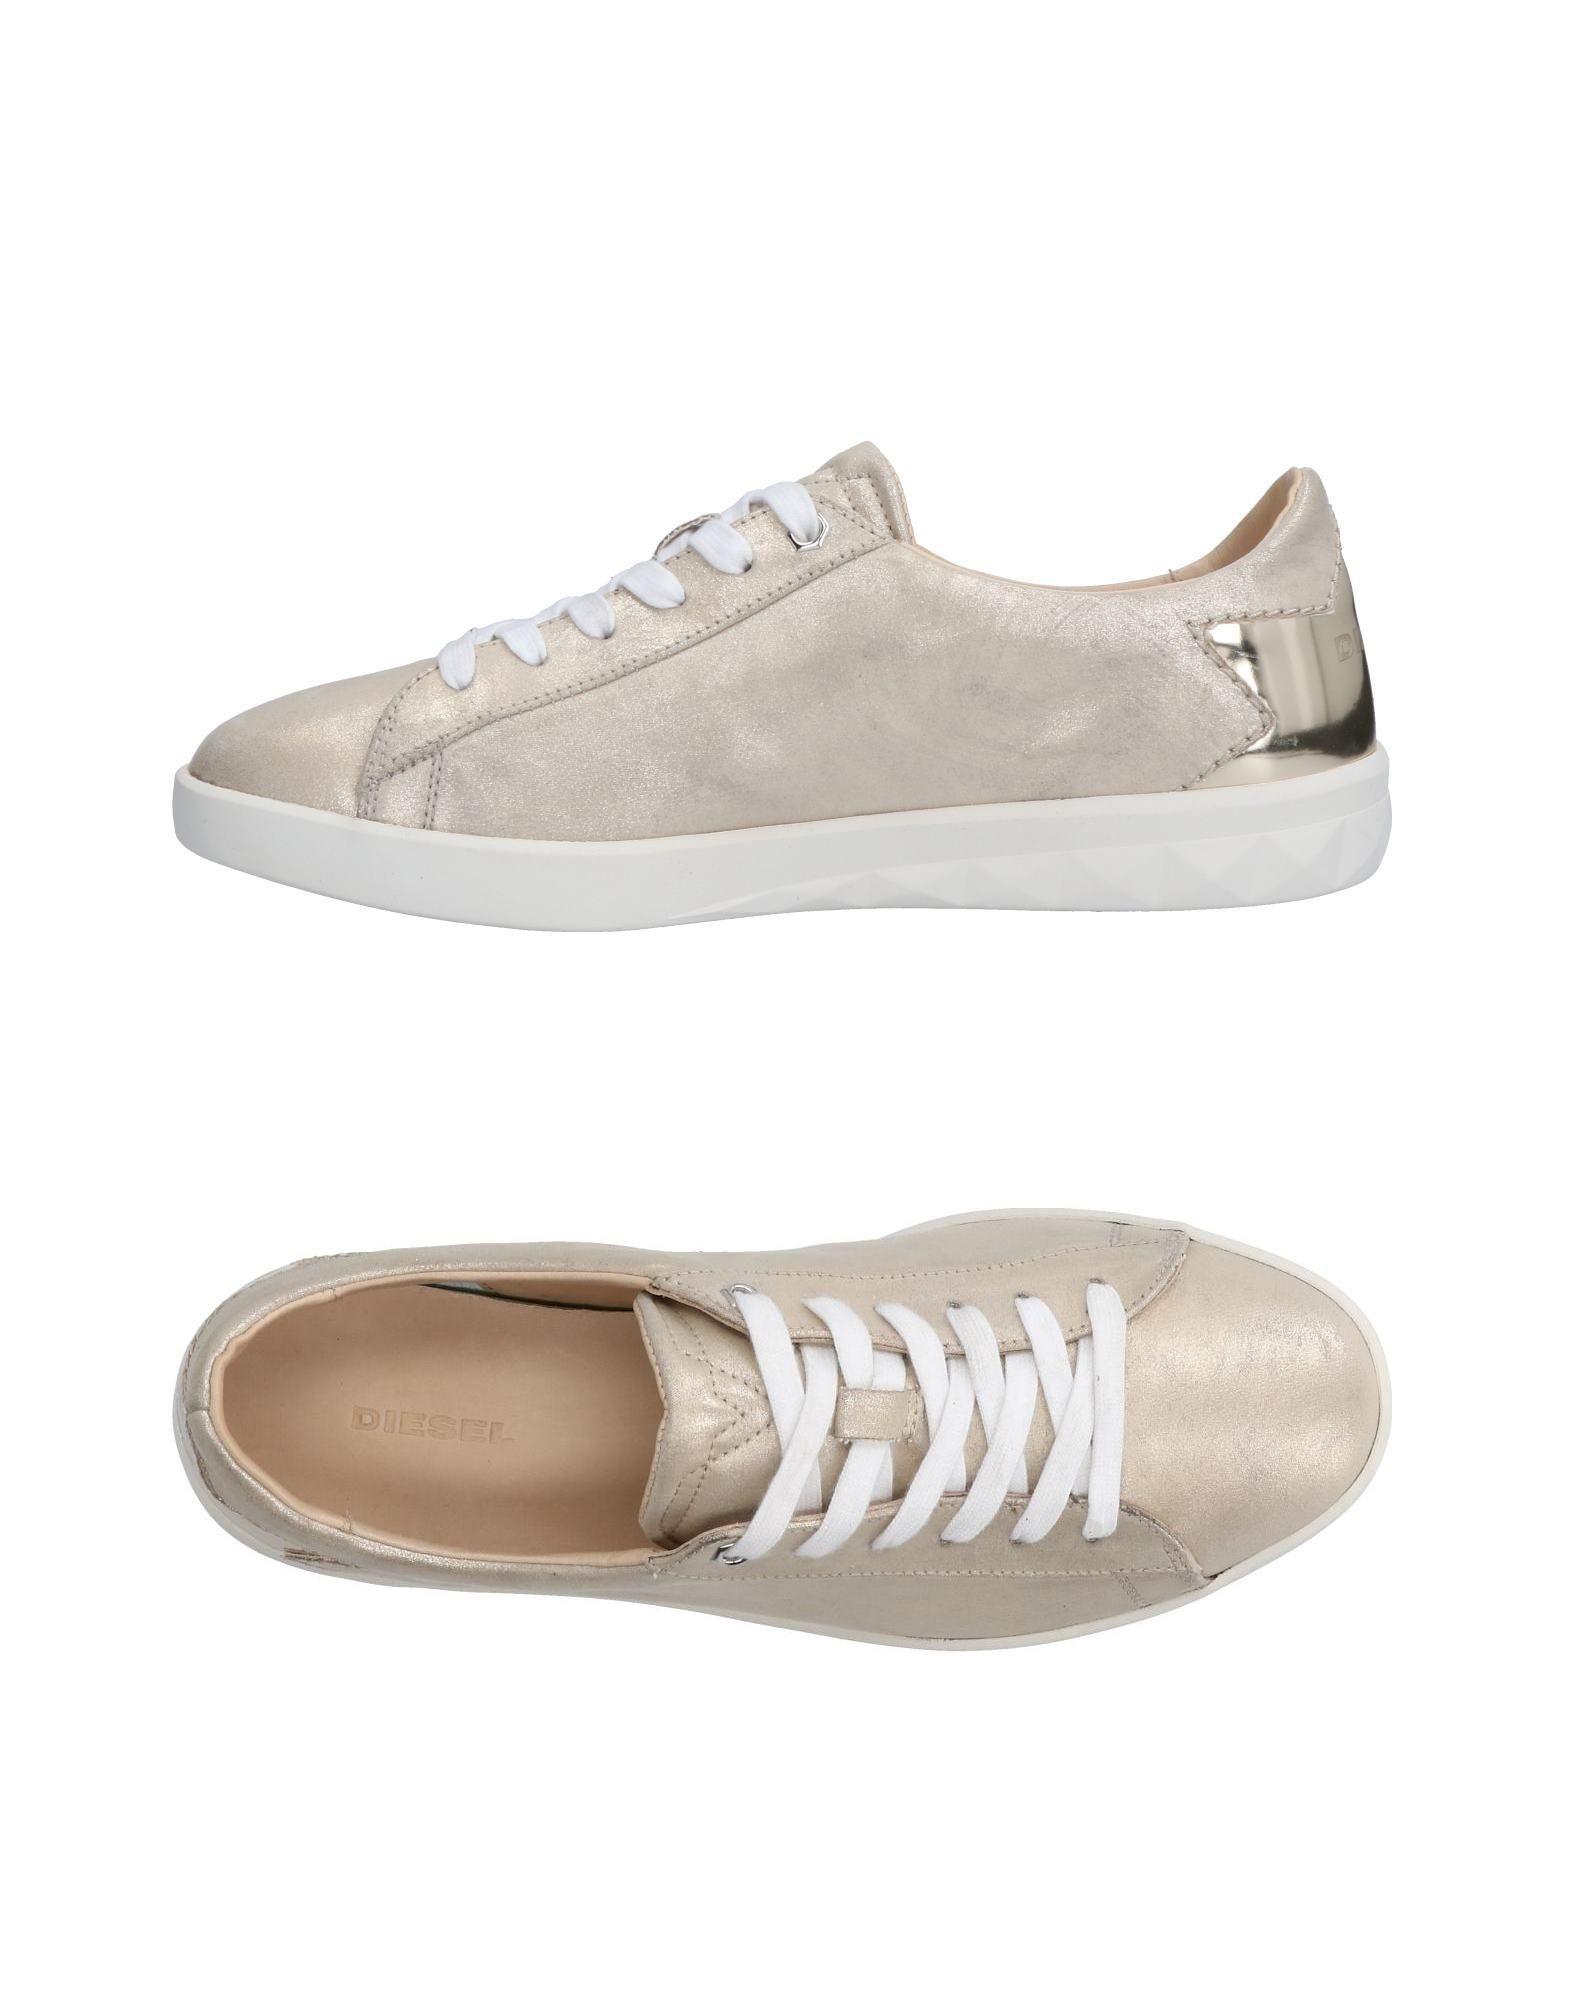 Diesel Sneakers Damen  11496071VG Gute Qualität beliebte Schuhe